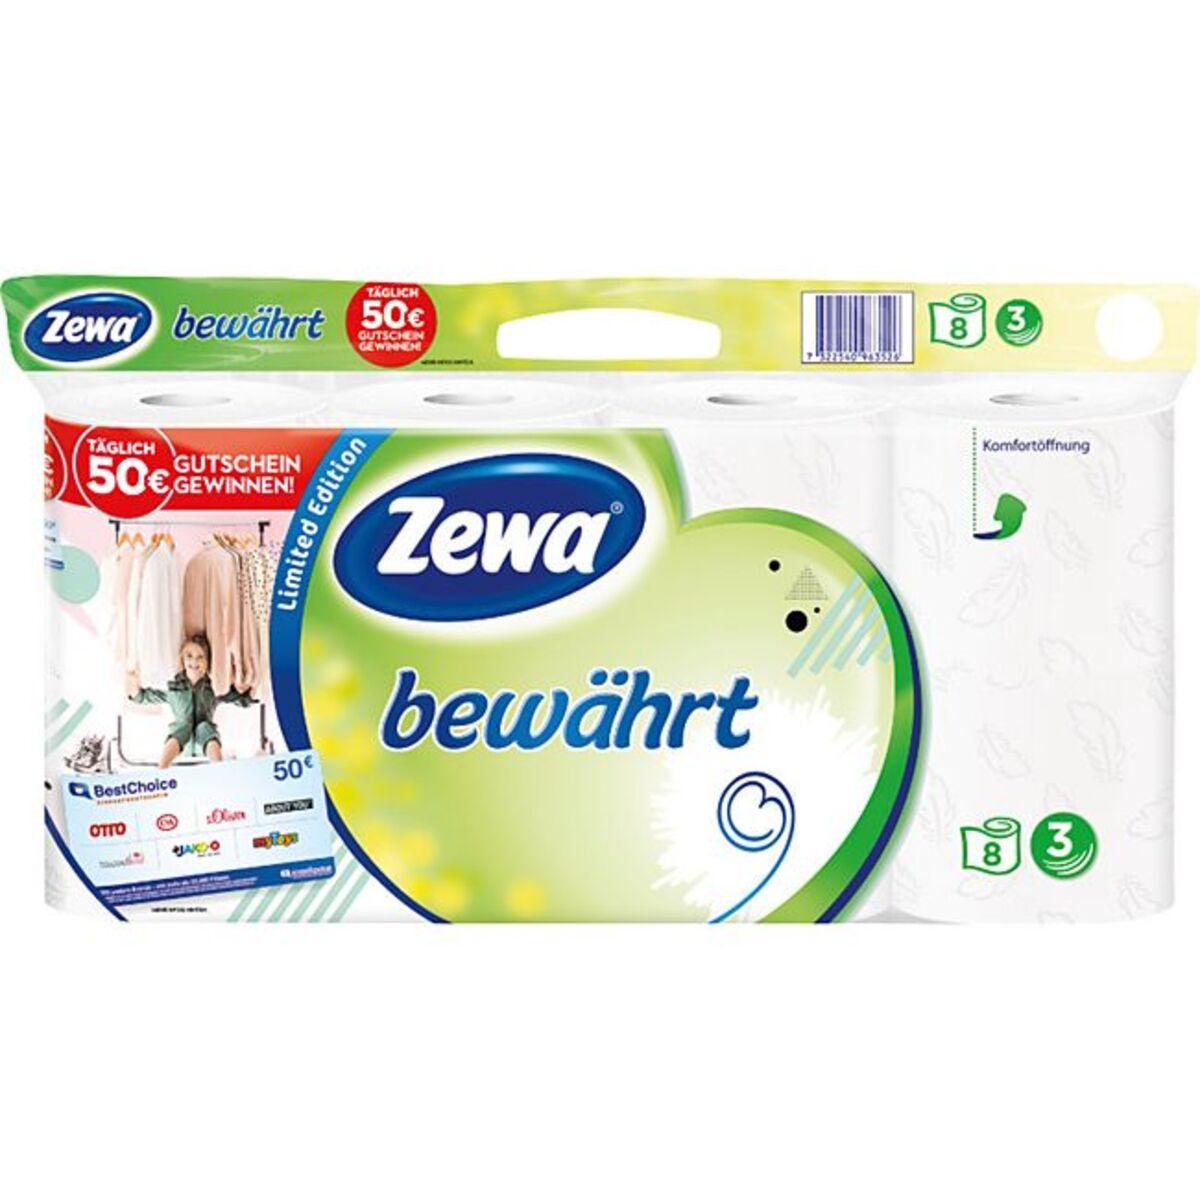 Bild 1 von Zewa bewährt Toilettenpapier, strapazierfähiges WC-Papier 3-lagig in zartem Gelb, 1 x Vorratspack mit 8 Rollen